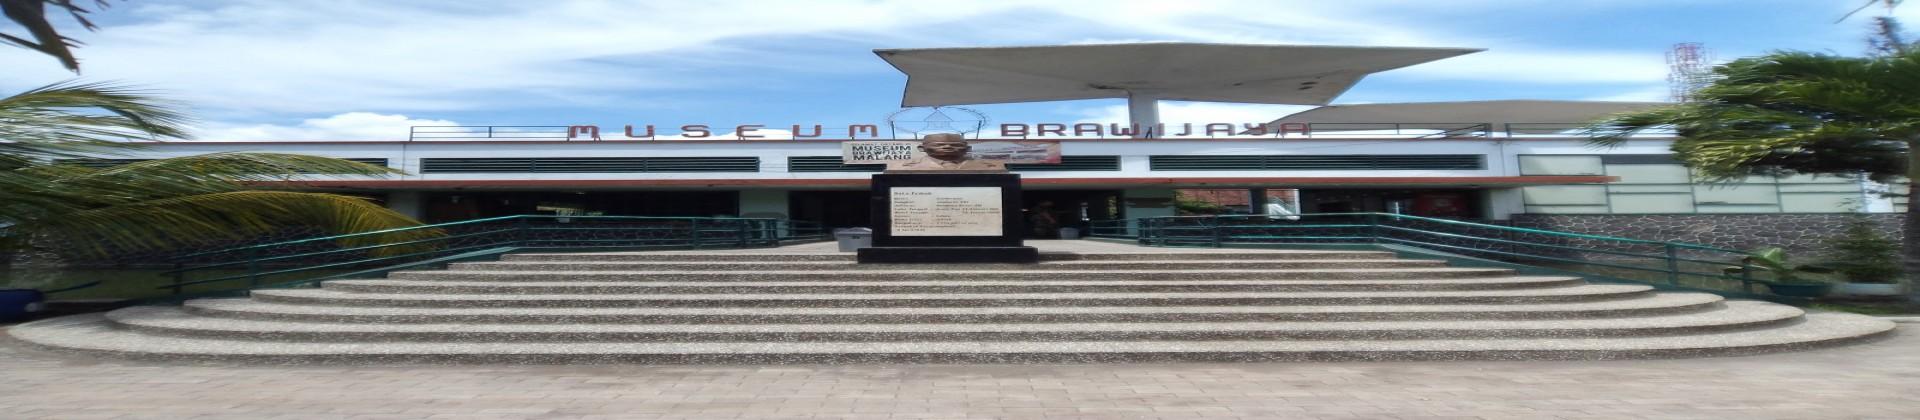 Museum Brawijaya Malang Pathravel Partner Kab